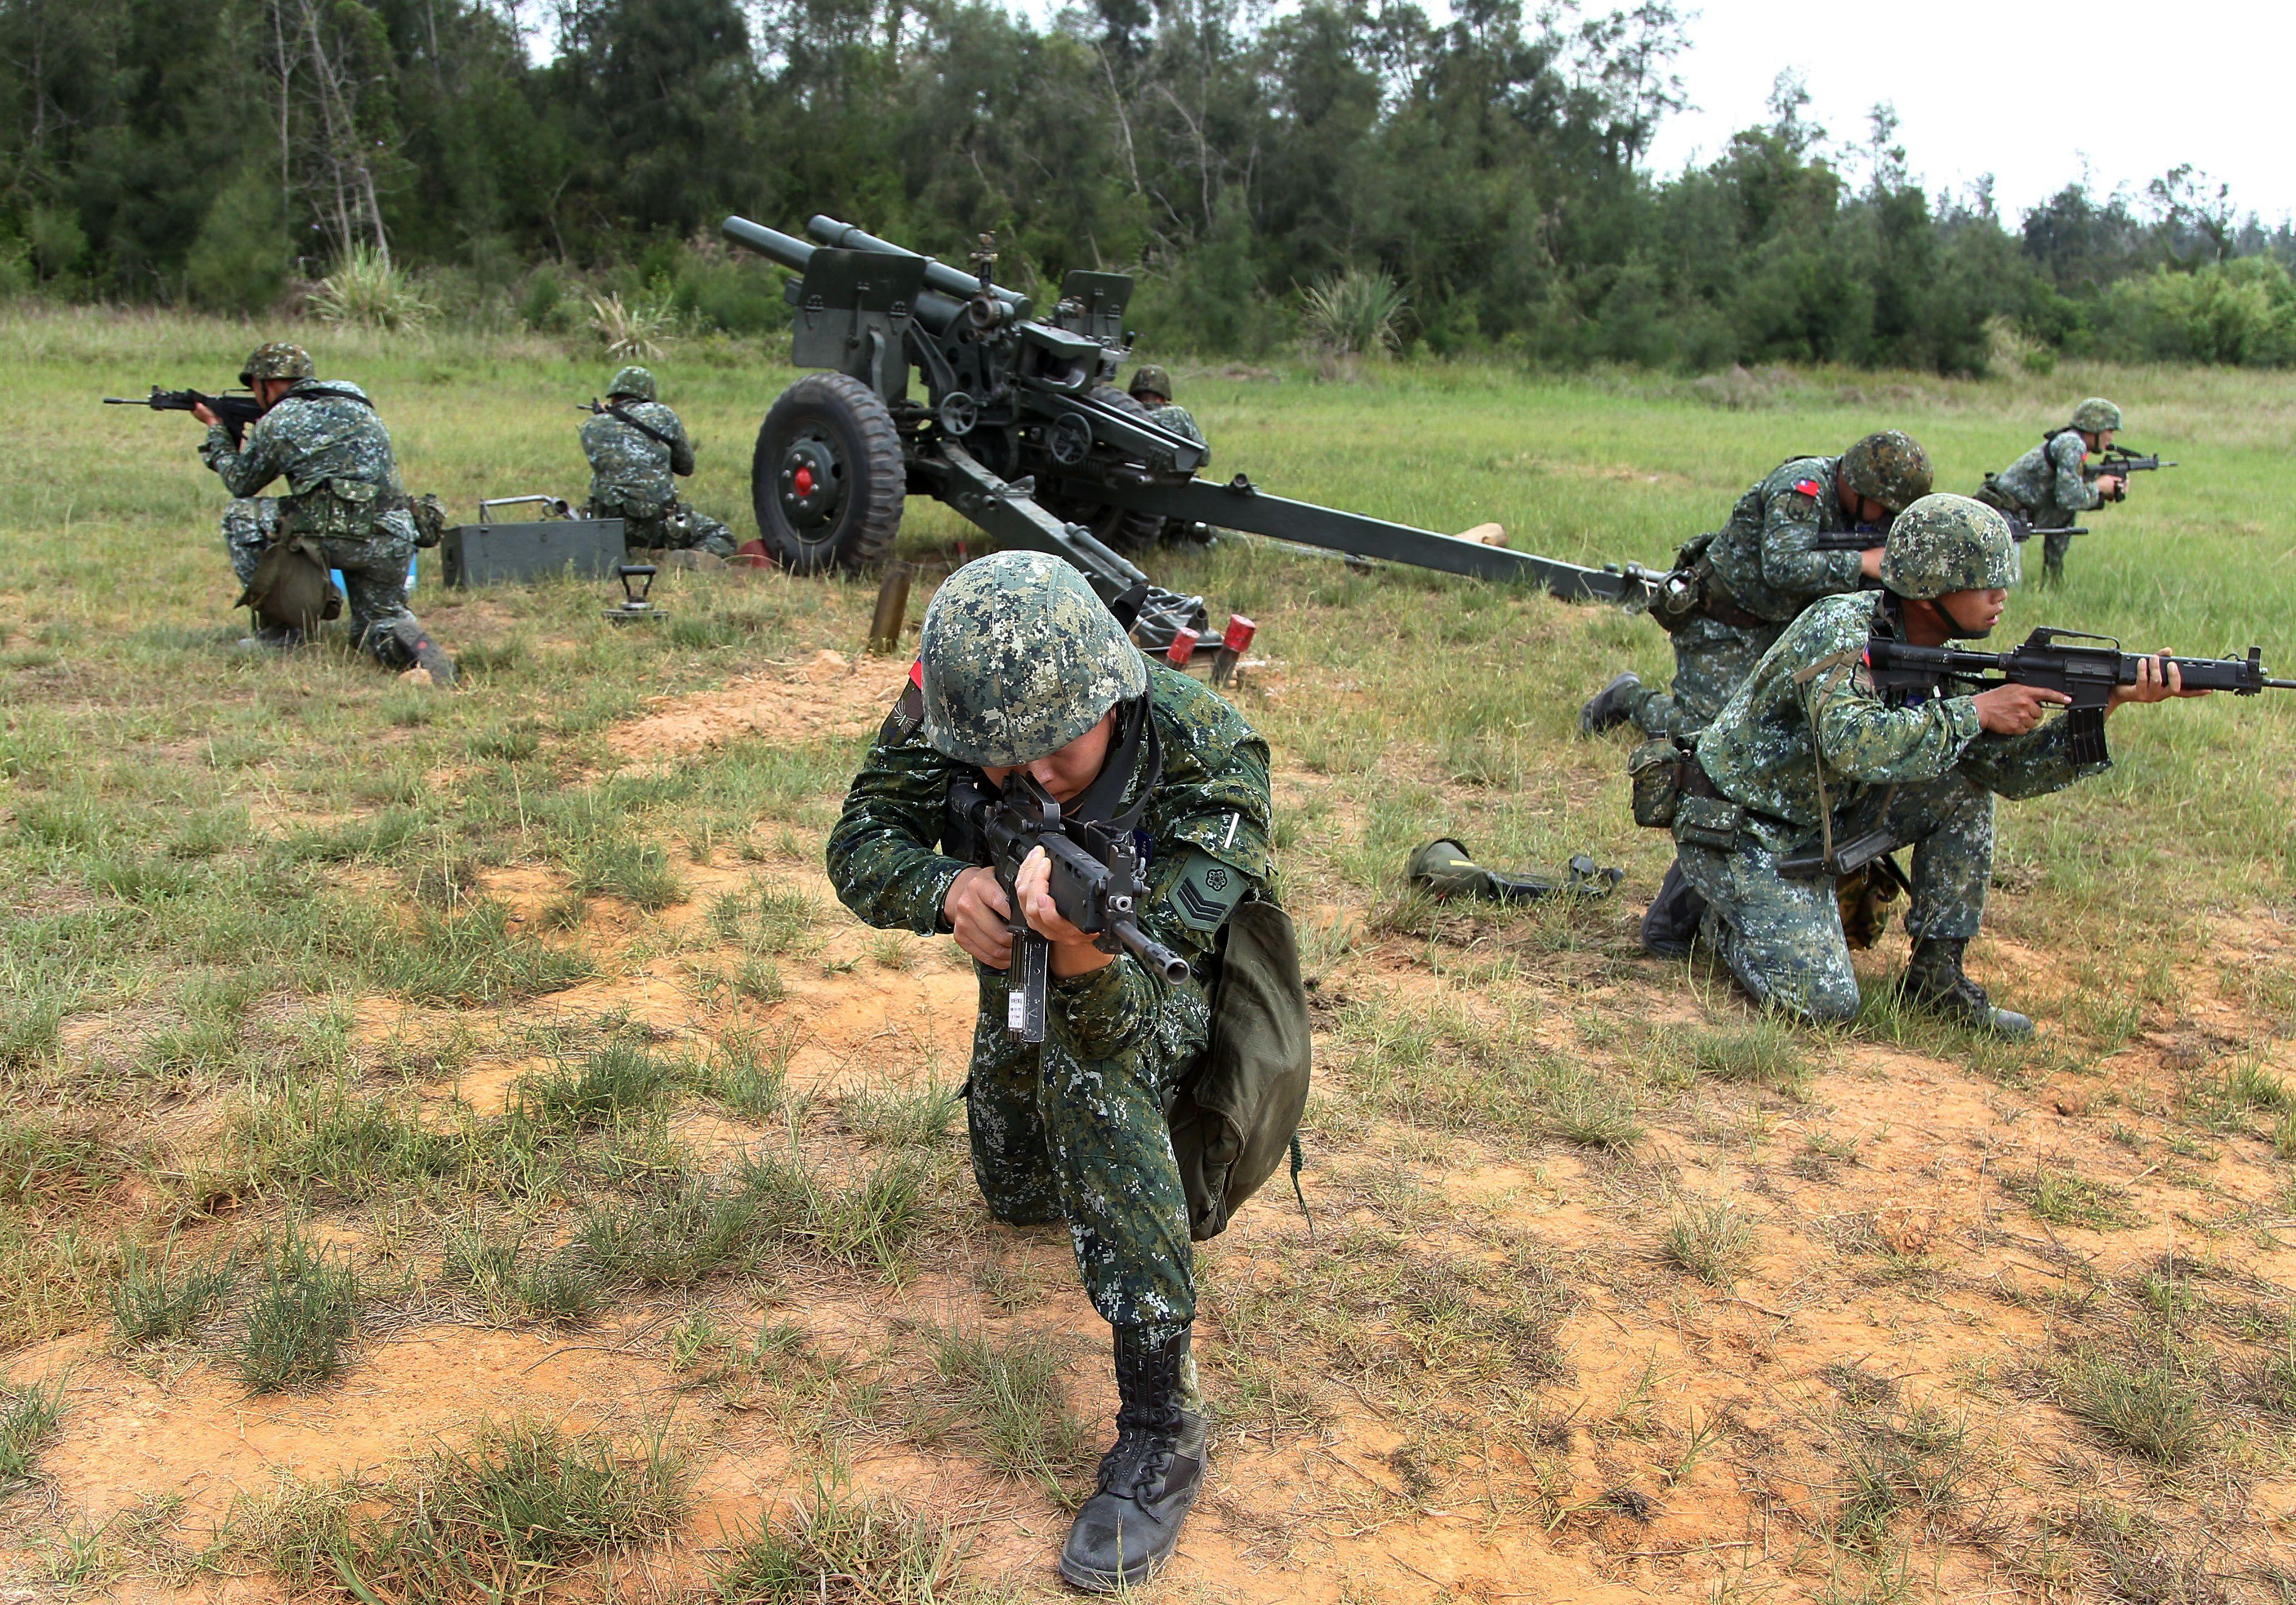 砲兵部隊藉連續偵查、選擇與佔領戰地。(記者邱榮吉/金門拍攝)